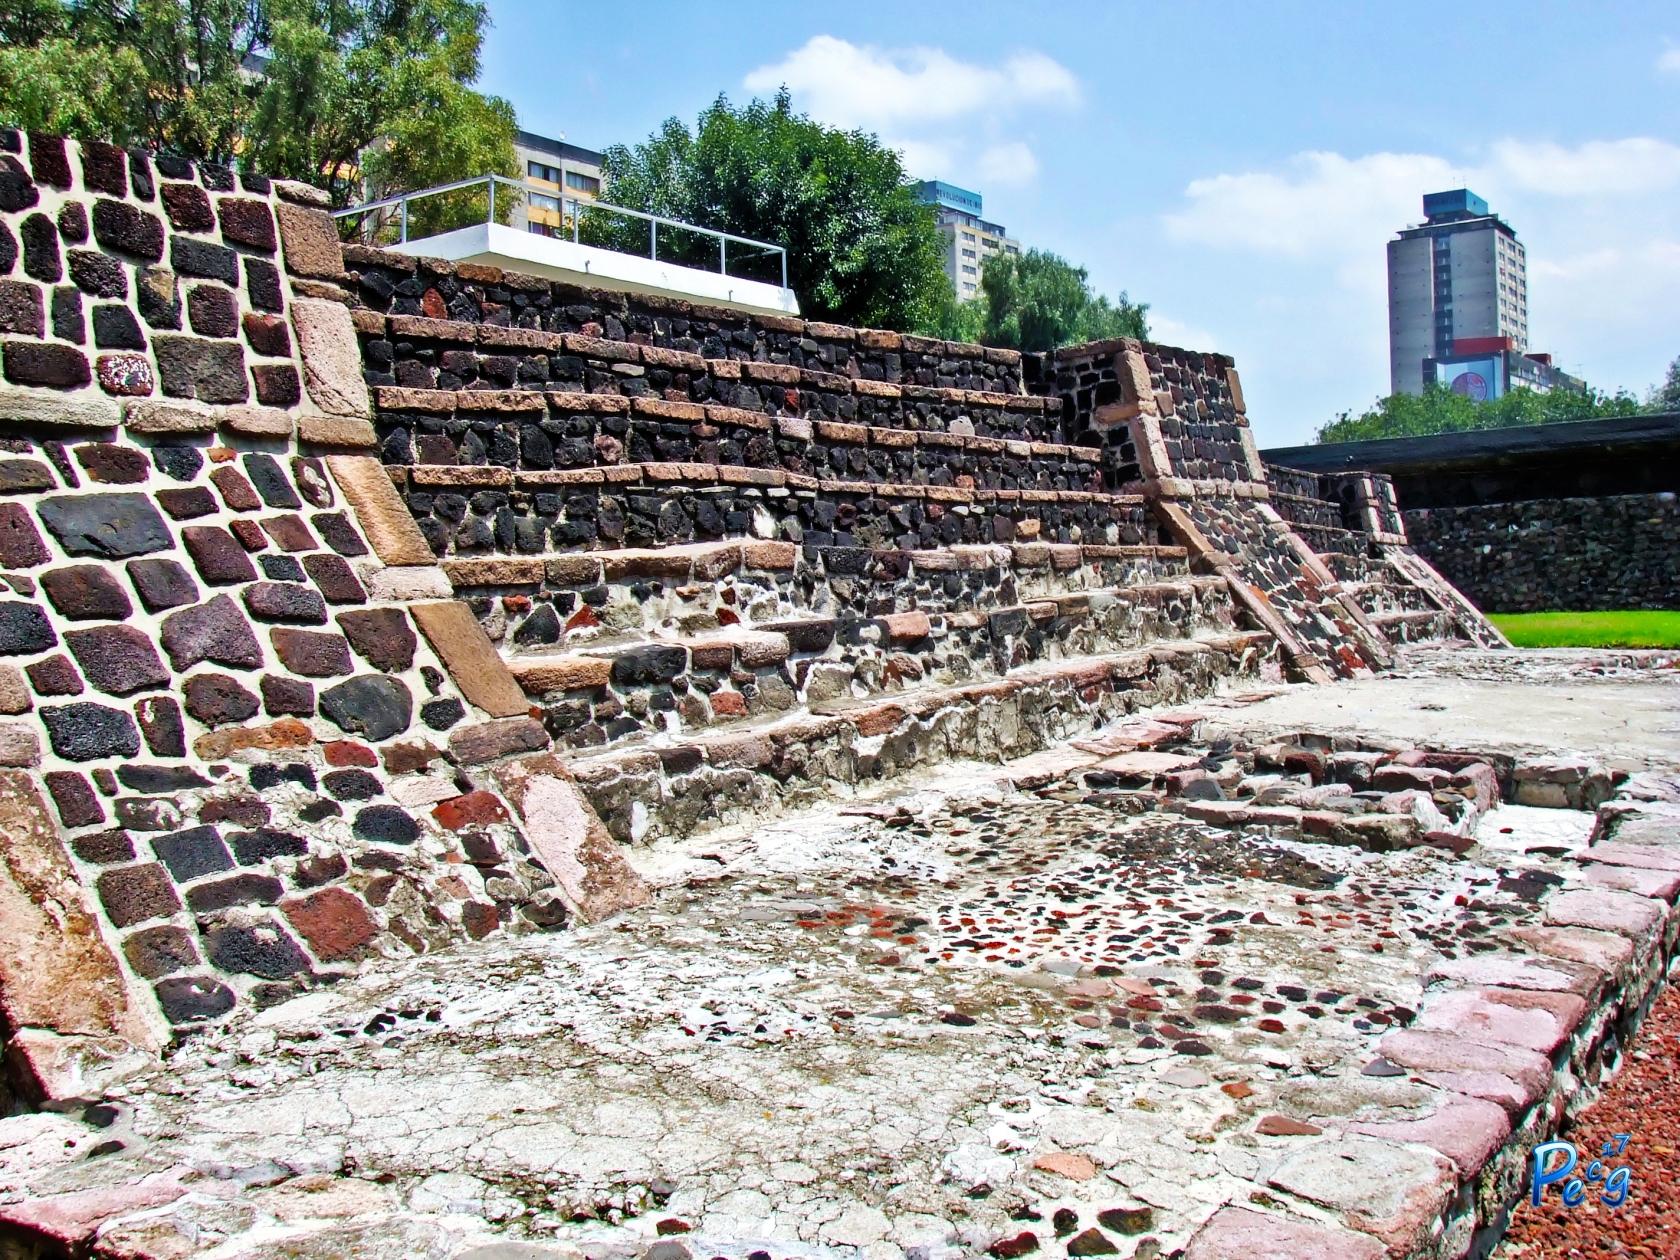 tesoros arqueológicos de ciudad de me´xico de CDMX